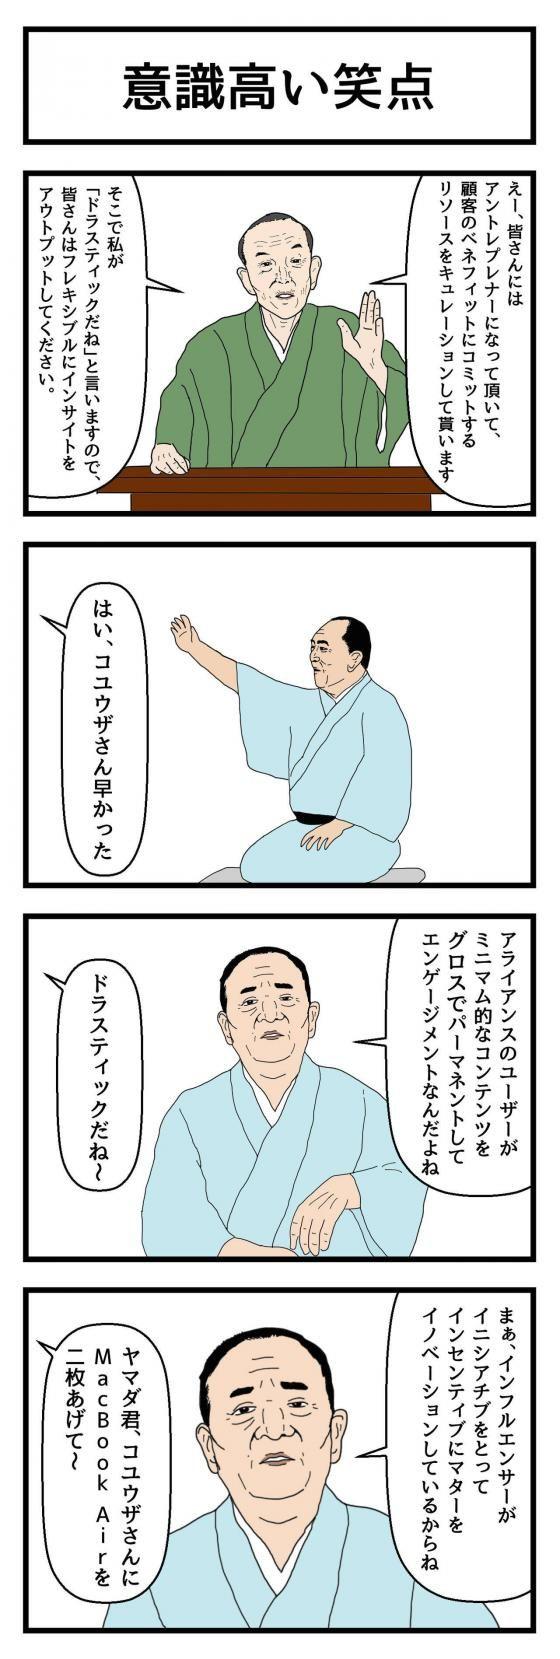 日本語で言ったほうがいいと思う「カタカナ語」TOP5 | 2ちゃんねるスレッドまとめブログ - アルファルファモザイク